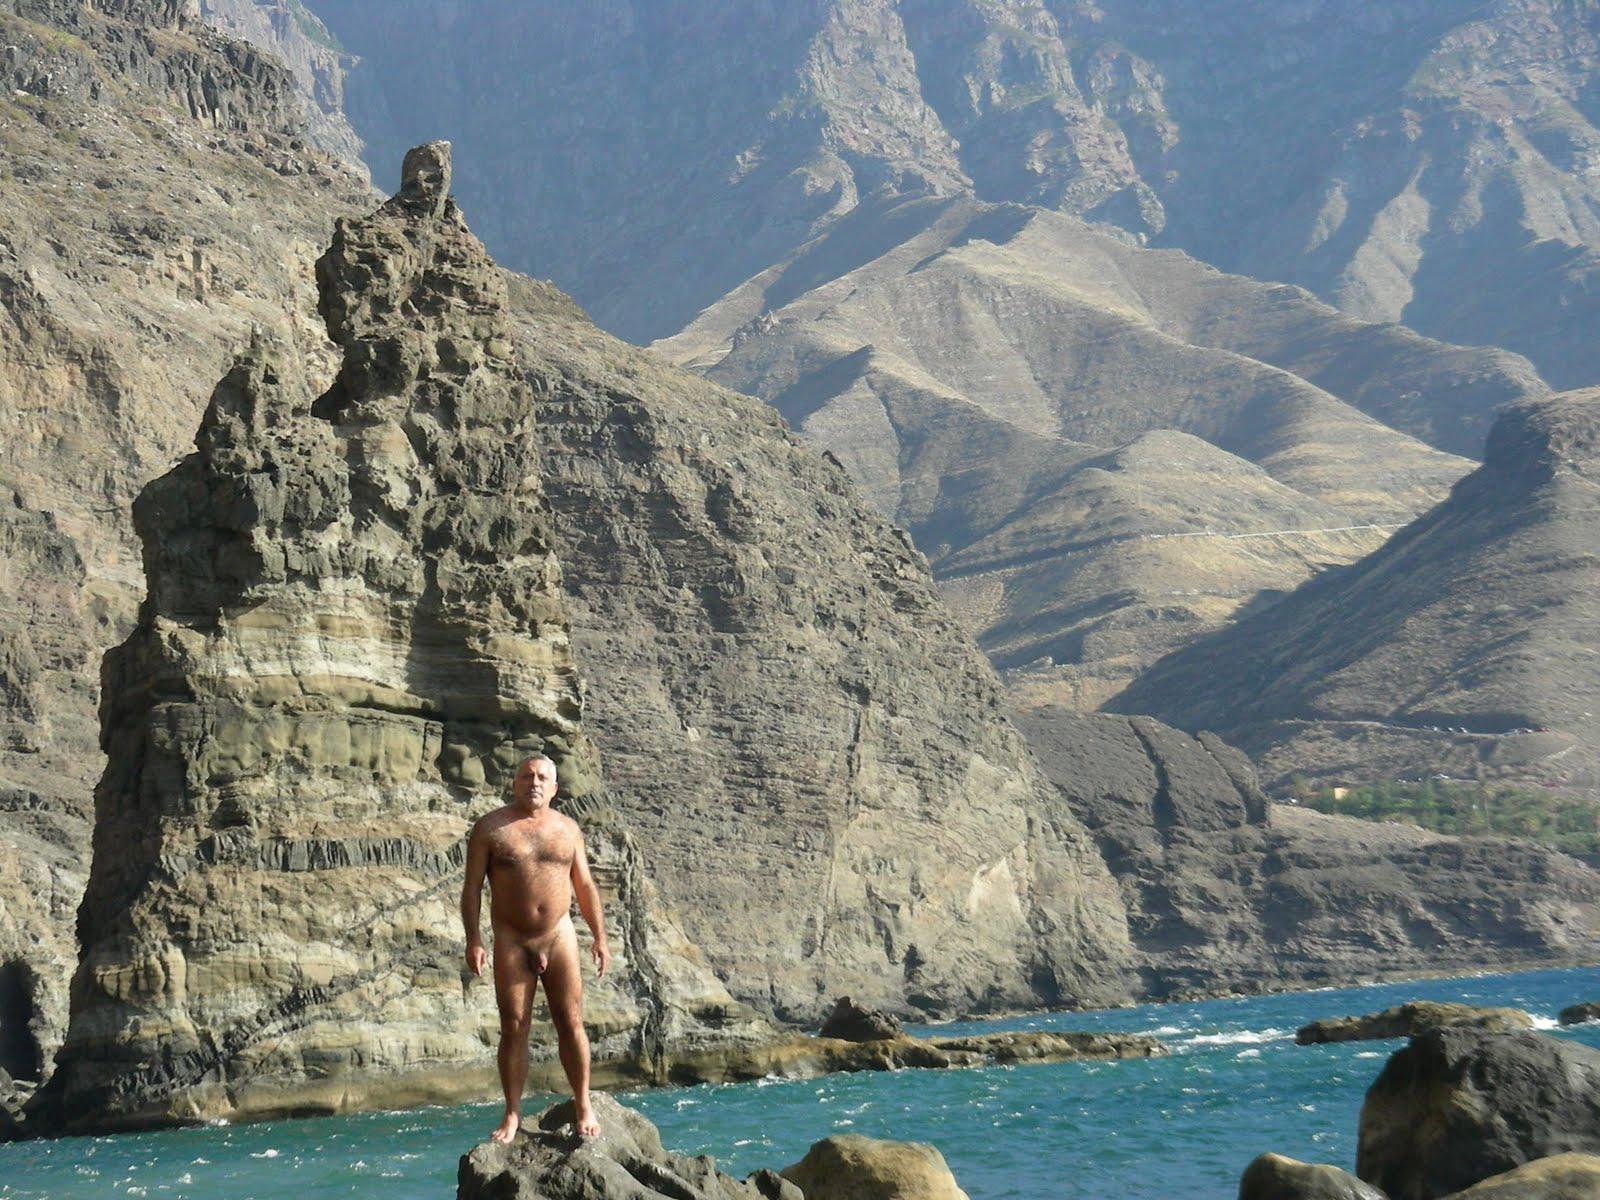 escort gran canaria topless på stranden